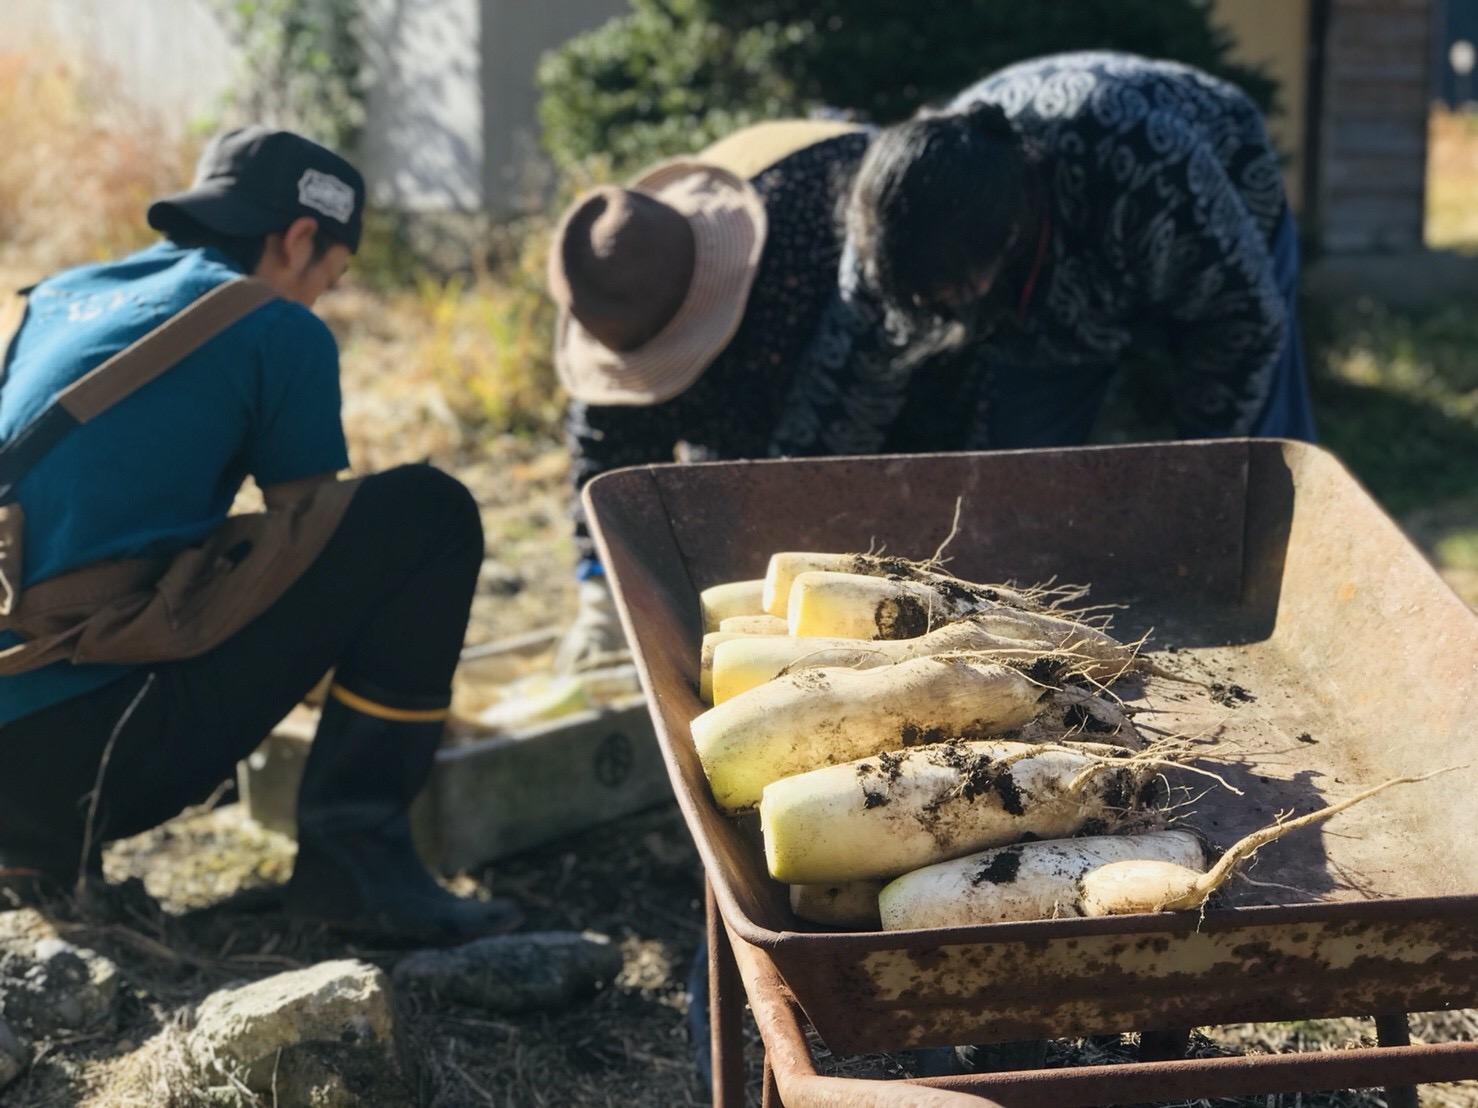 大地の恵みを感じる畑作業!あなたはどんな野菜に挑戦する?